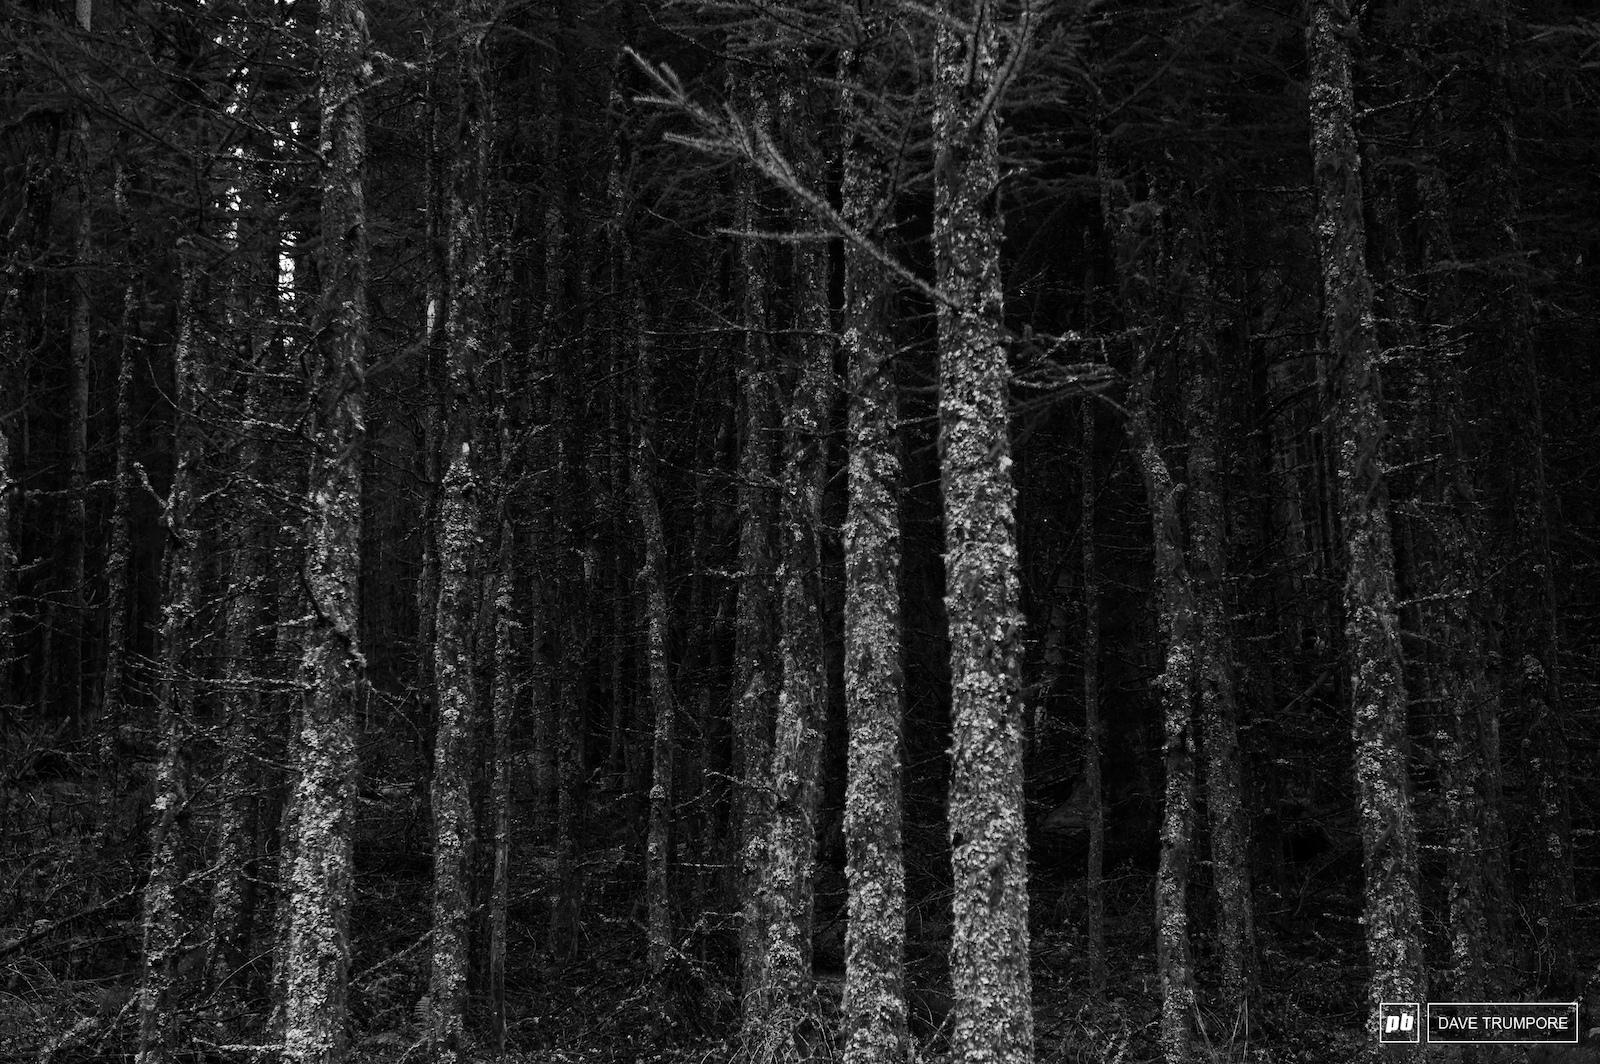 Dark and moody Scottish woods